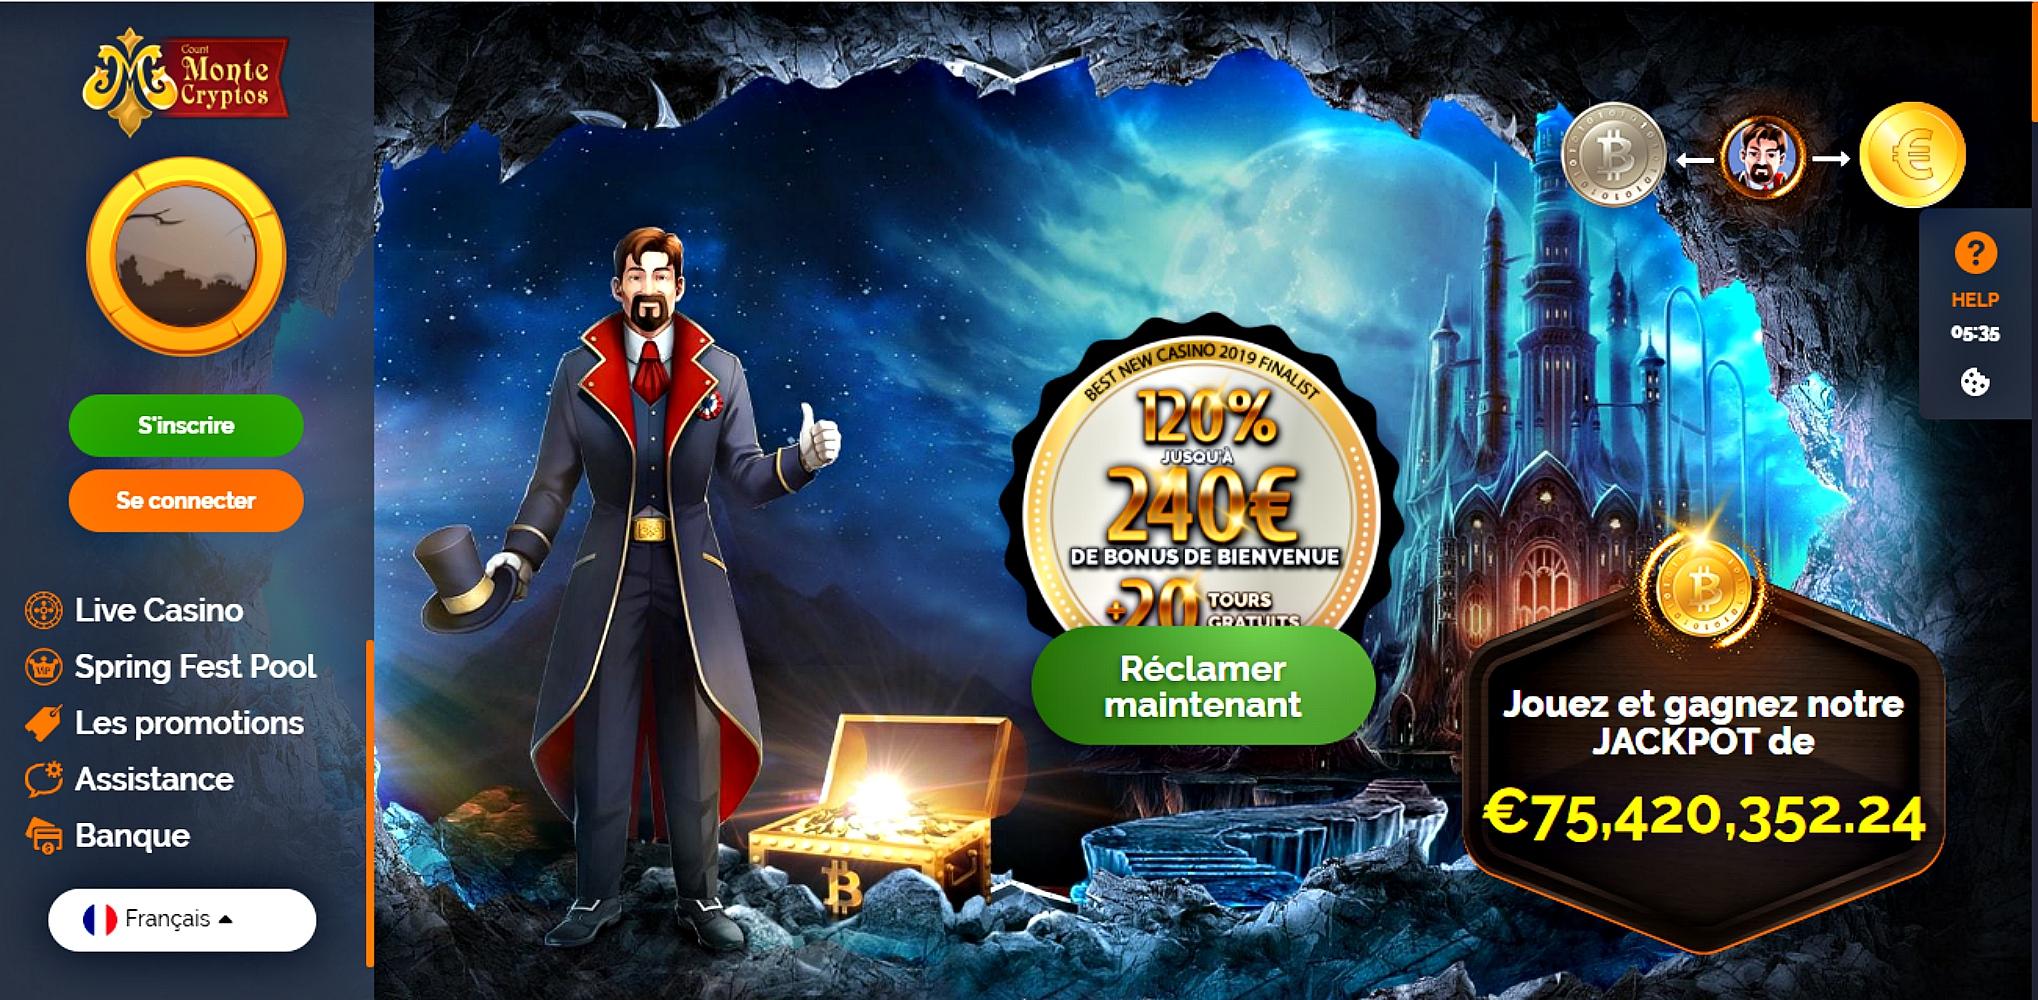 Notre sincère avis pour vous faire découvrir Montecrypto casino